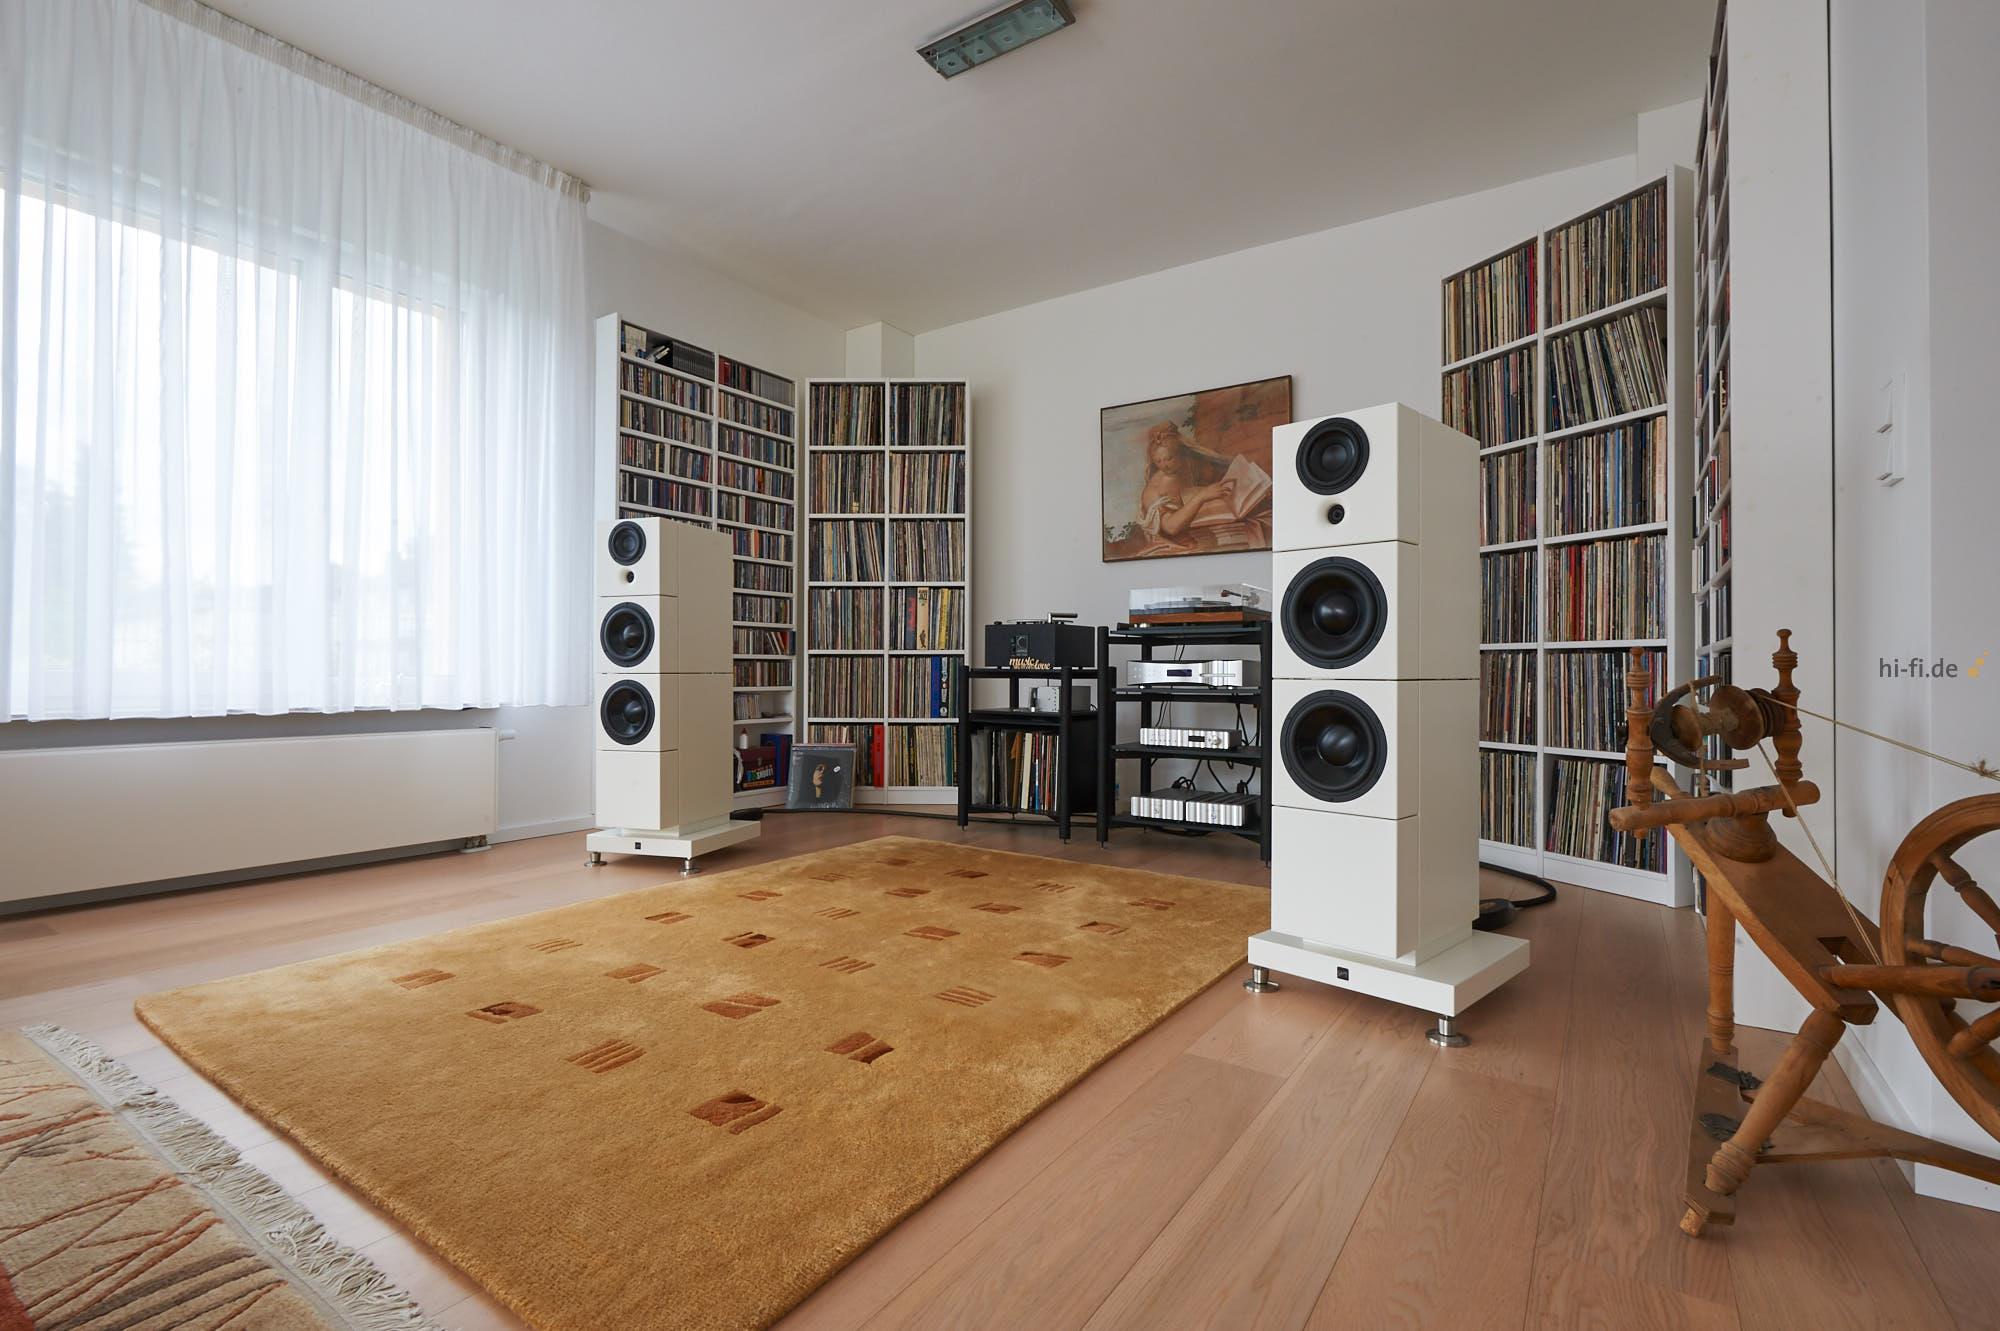 sehring audio system 900 der neue sockel hi fi studio. Black Bedroom Furniture Sets. Home Design Ideas